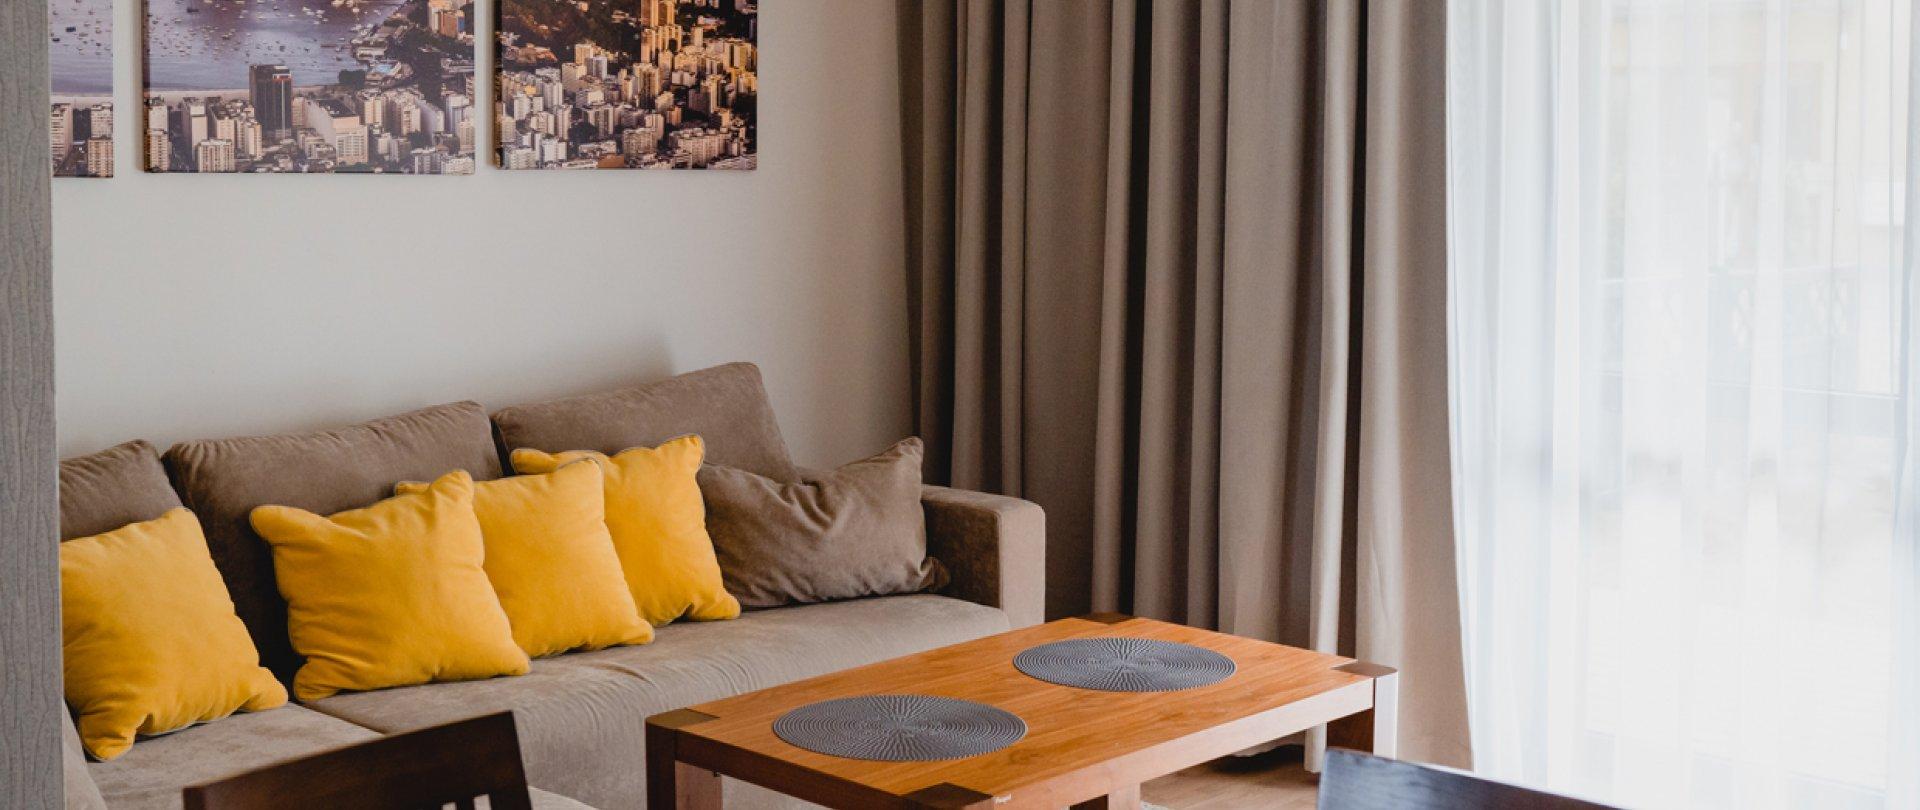 Apartament z dwiema sypialniami (ul. Orła Białego 7/1)